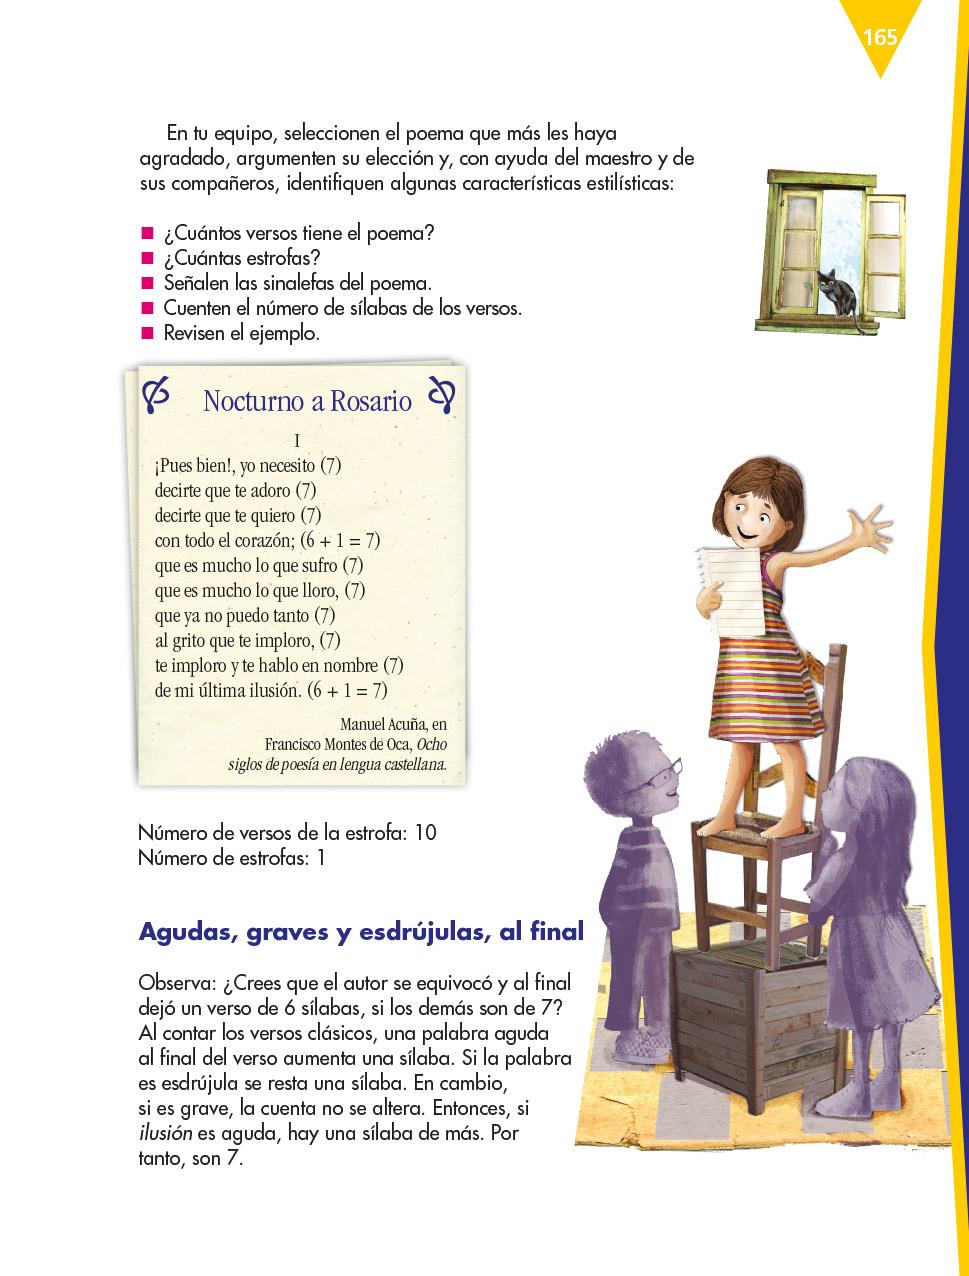 Español Sexto grado 2020-2021 - Página 165 de 185 - Libros